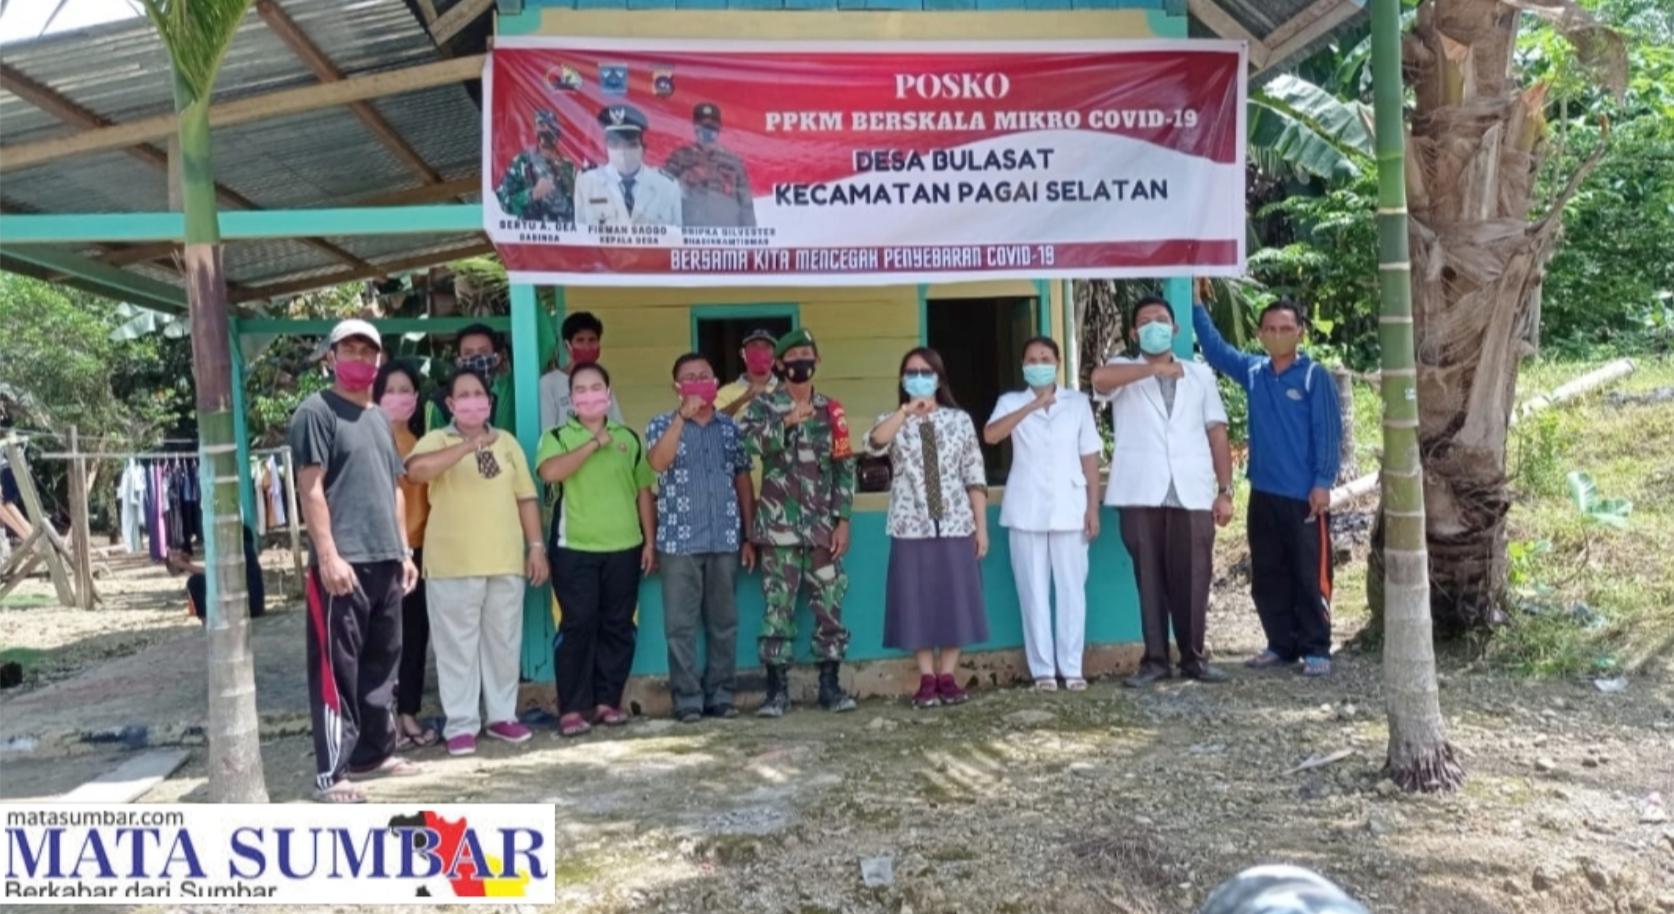 Posko PPKM Mikro di Desa Bulasat di Bentuk